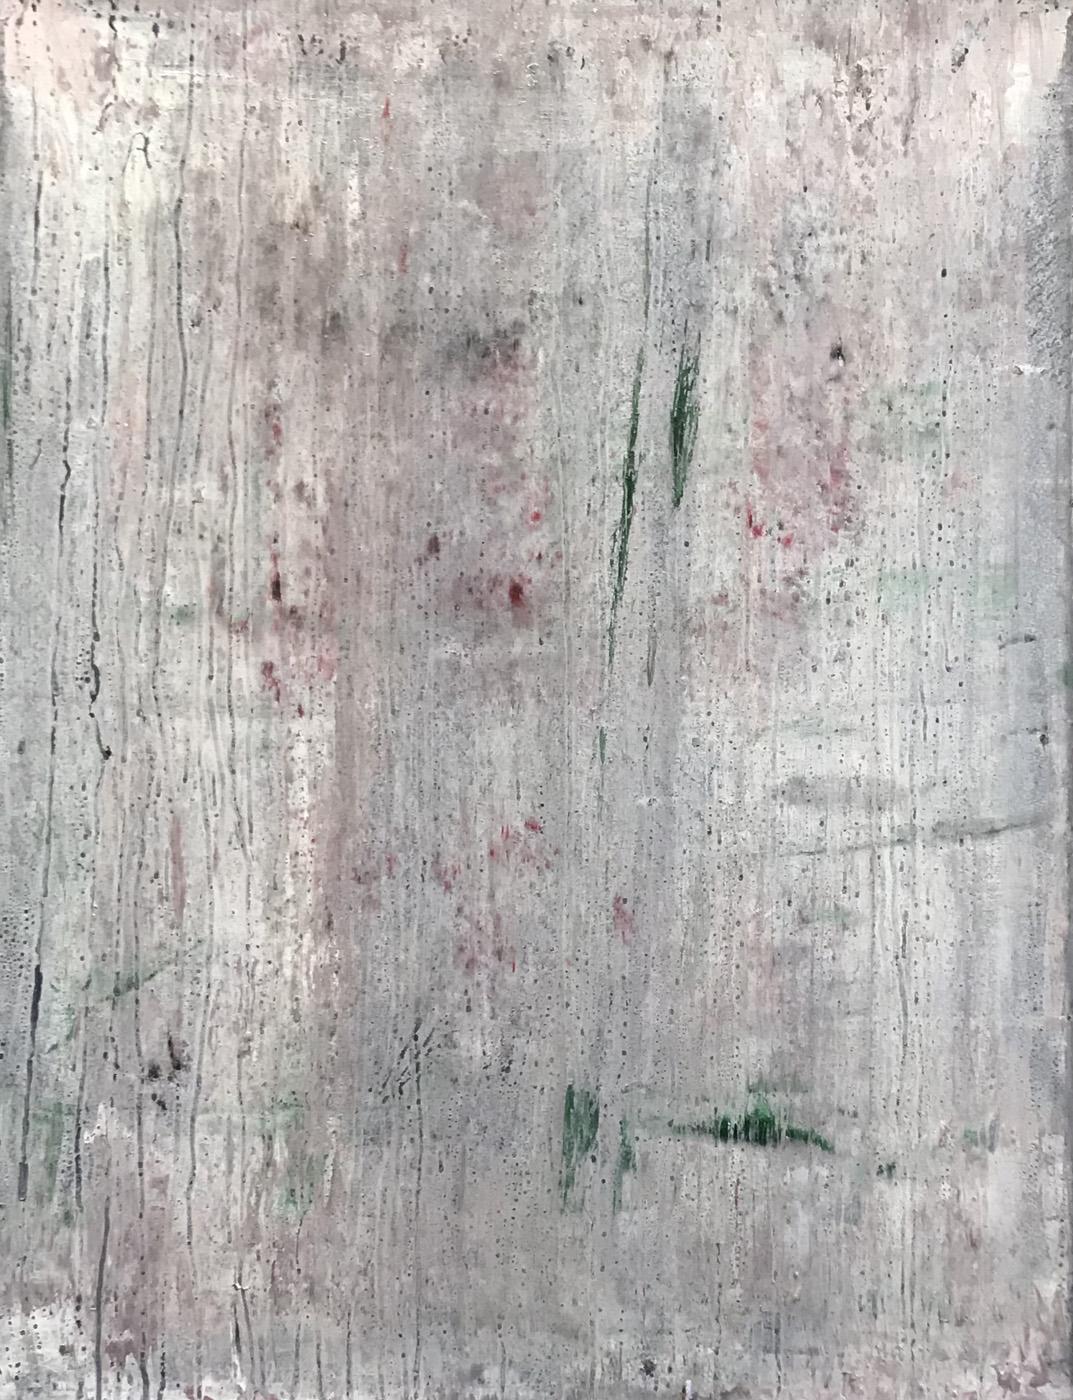 MARC FELD 2020 PURCELL Huile sur papier marouflé sur toile 50 x 65 cm